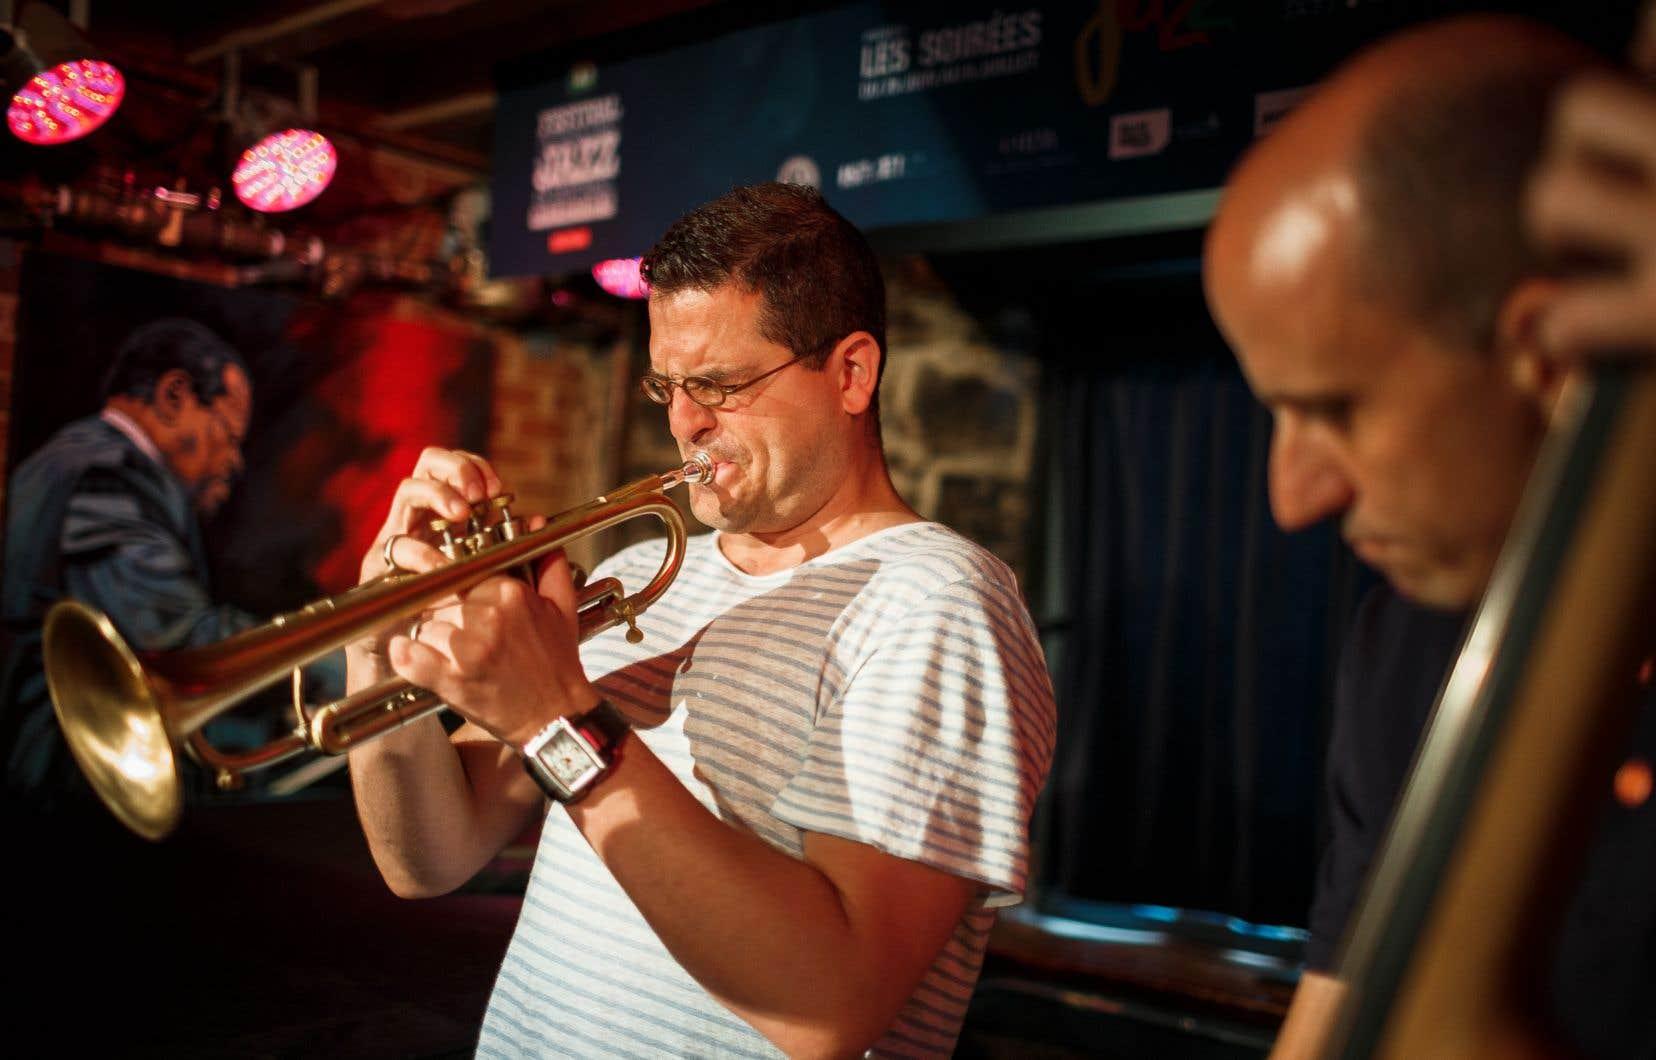 Le trompettiste montréalais Jacques Kuba Séguin, ici vu avec le contrebassiste Dave Watts lors d'une prestation à l'Upstairs pendant le Festival de Jazz en 2017, se produira avec son quartet le 30 juin prochain. Le concert sera retransmis en direct, gratuitement, sur le web.